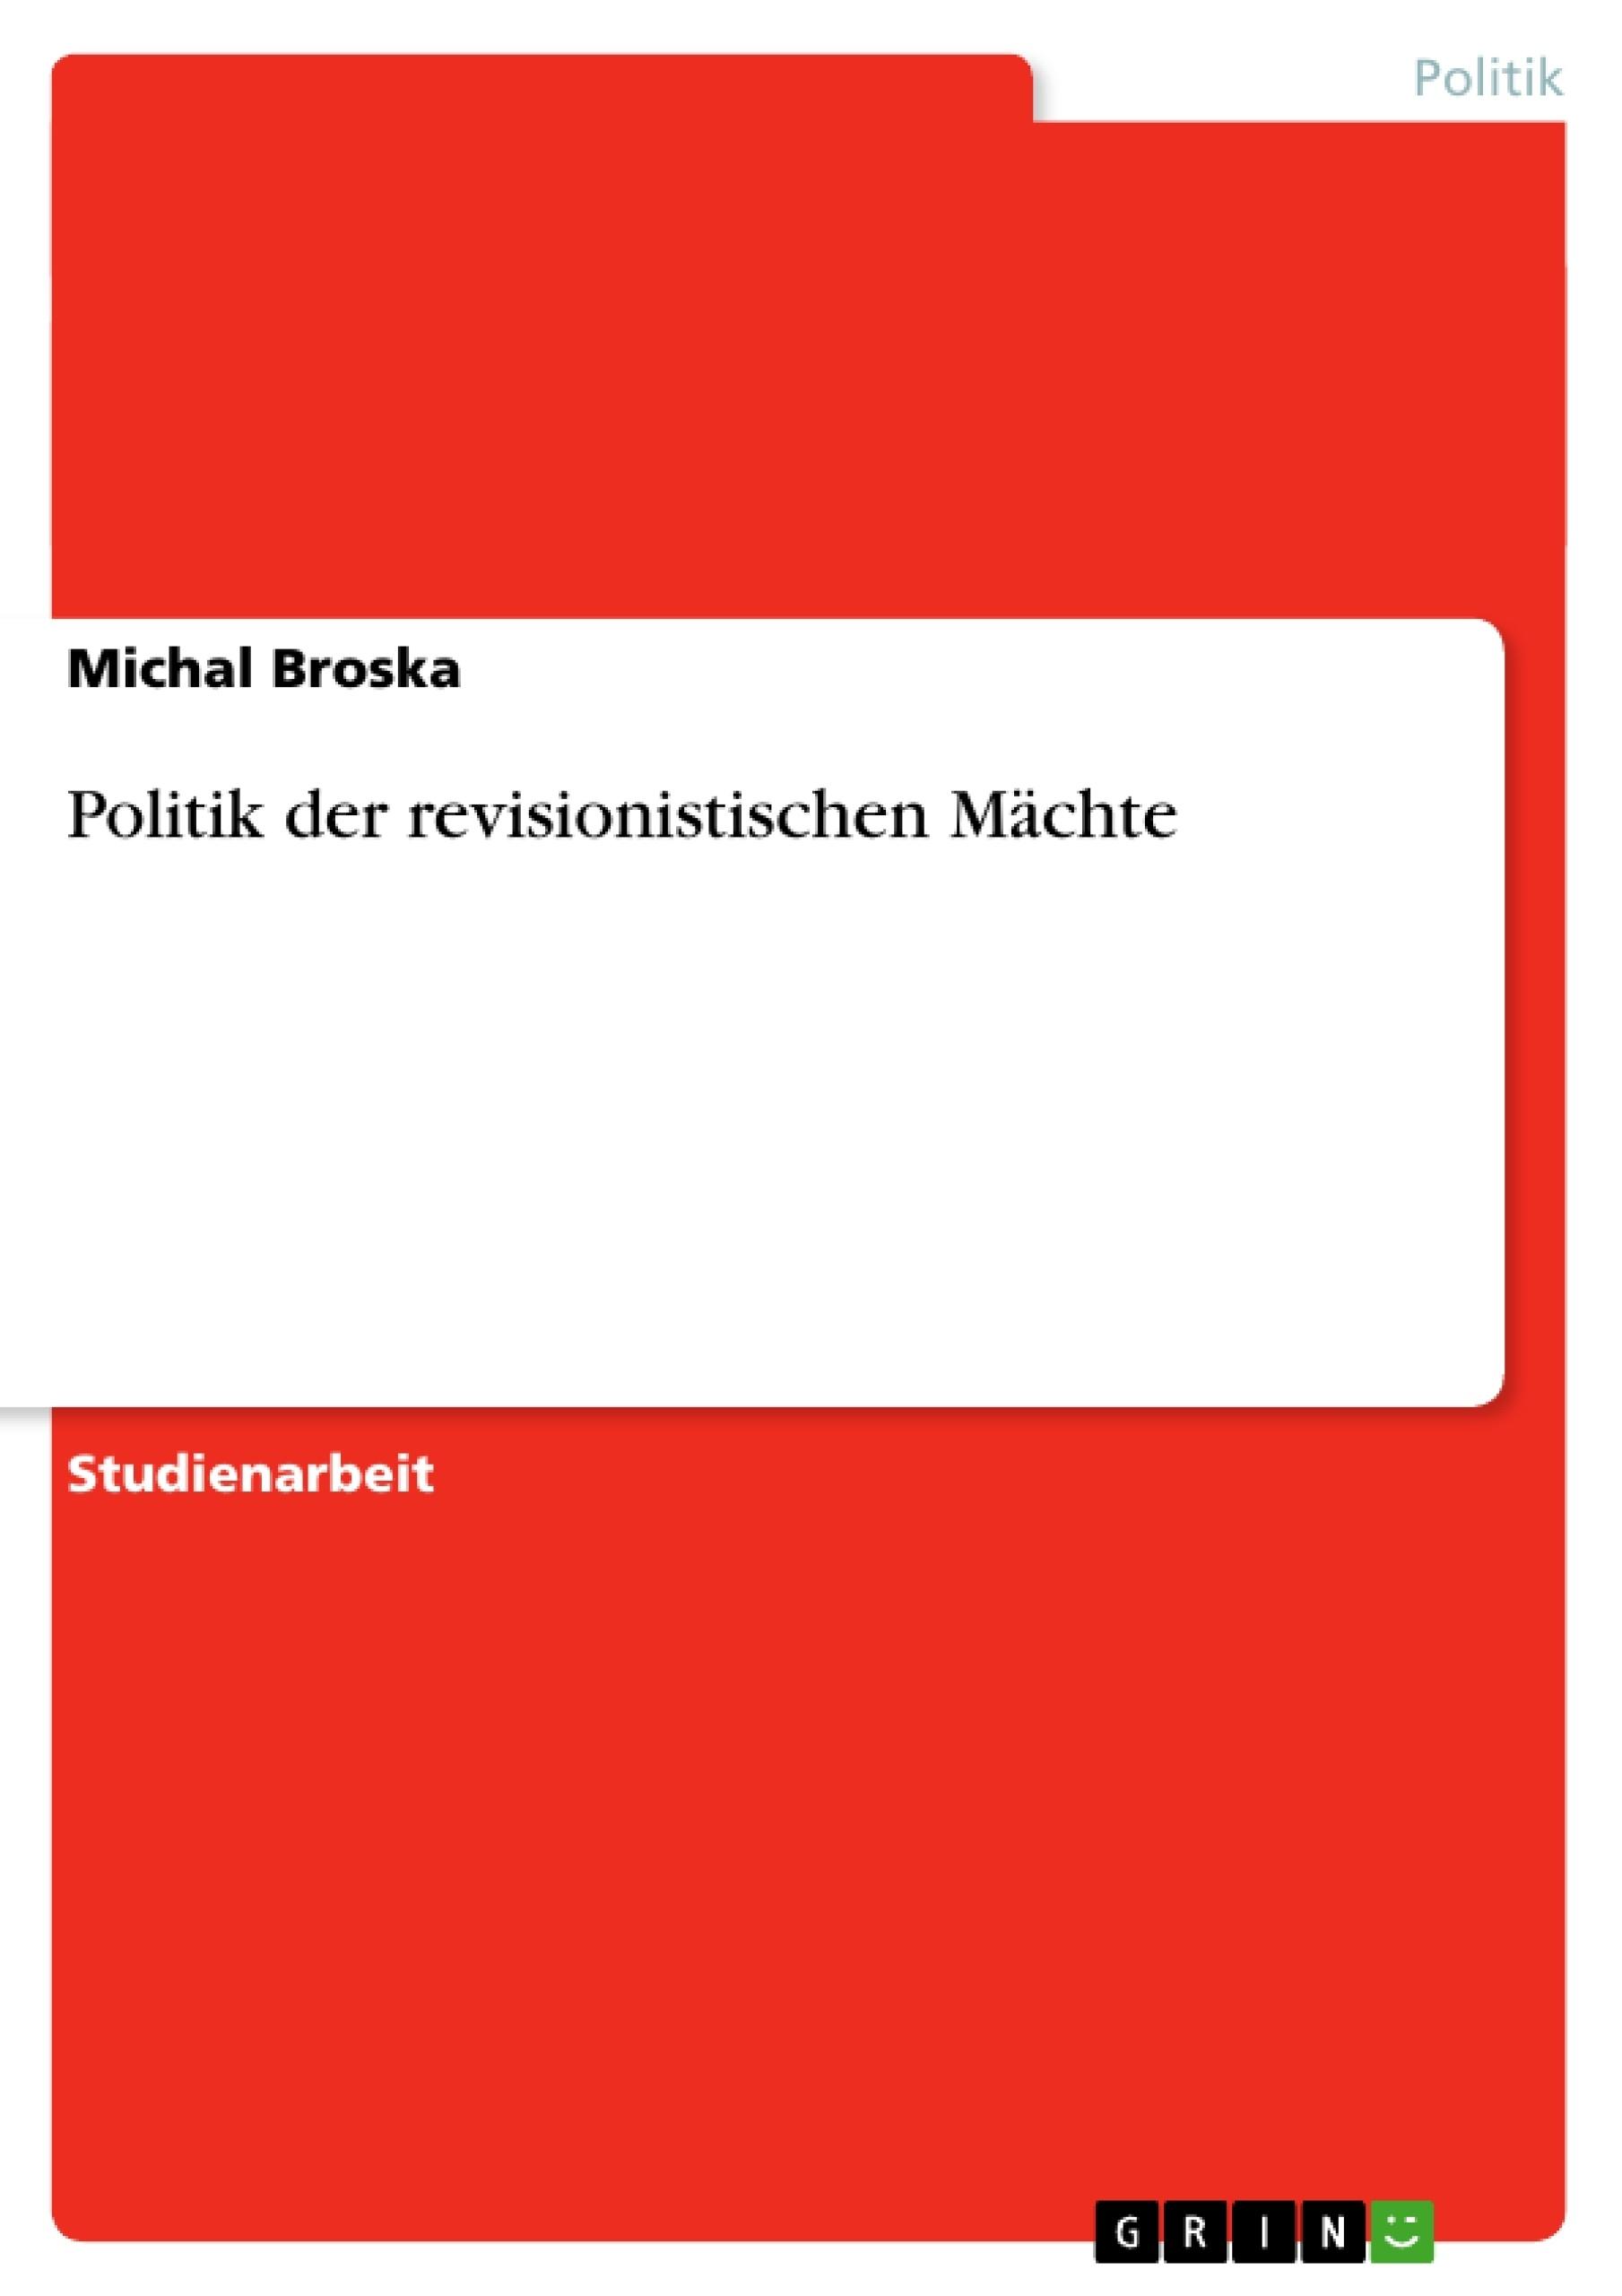 Titel: Politik der revisionistischen Mächte